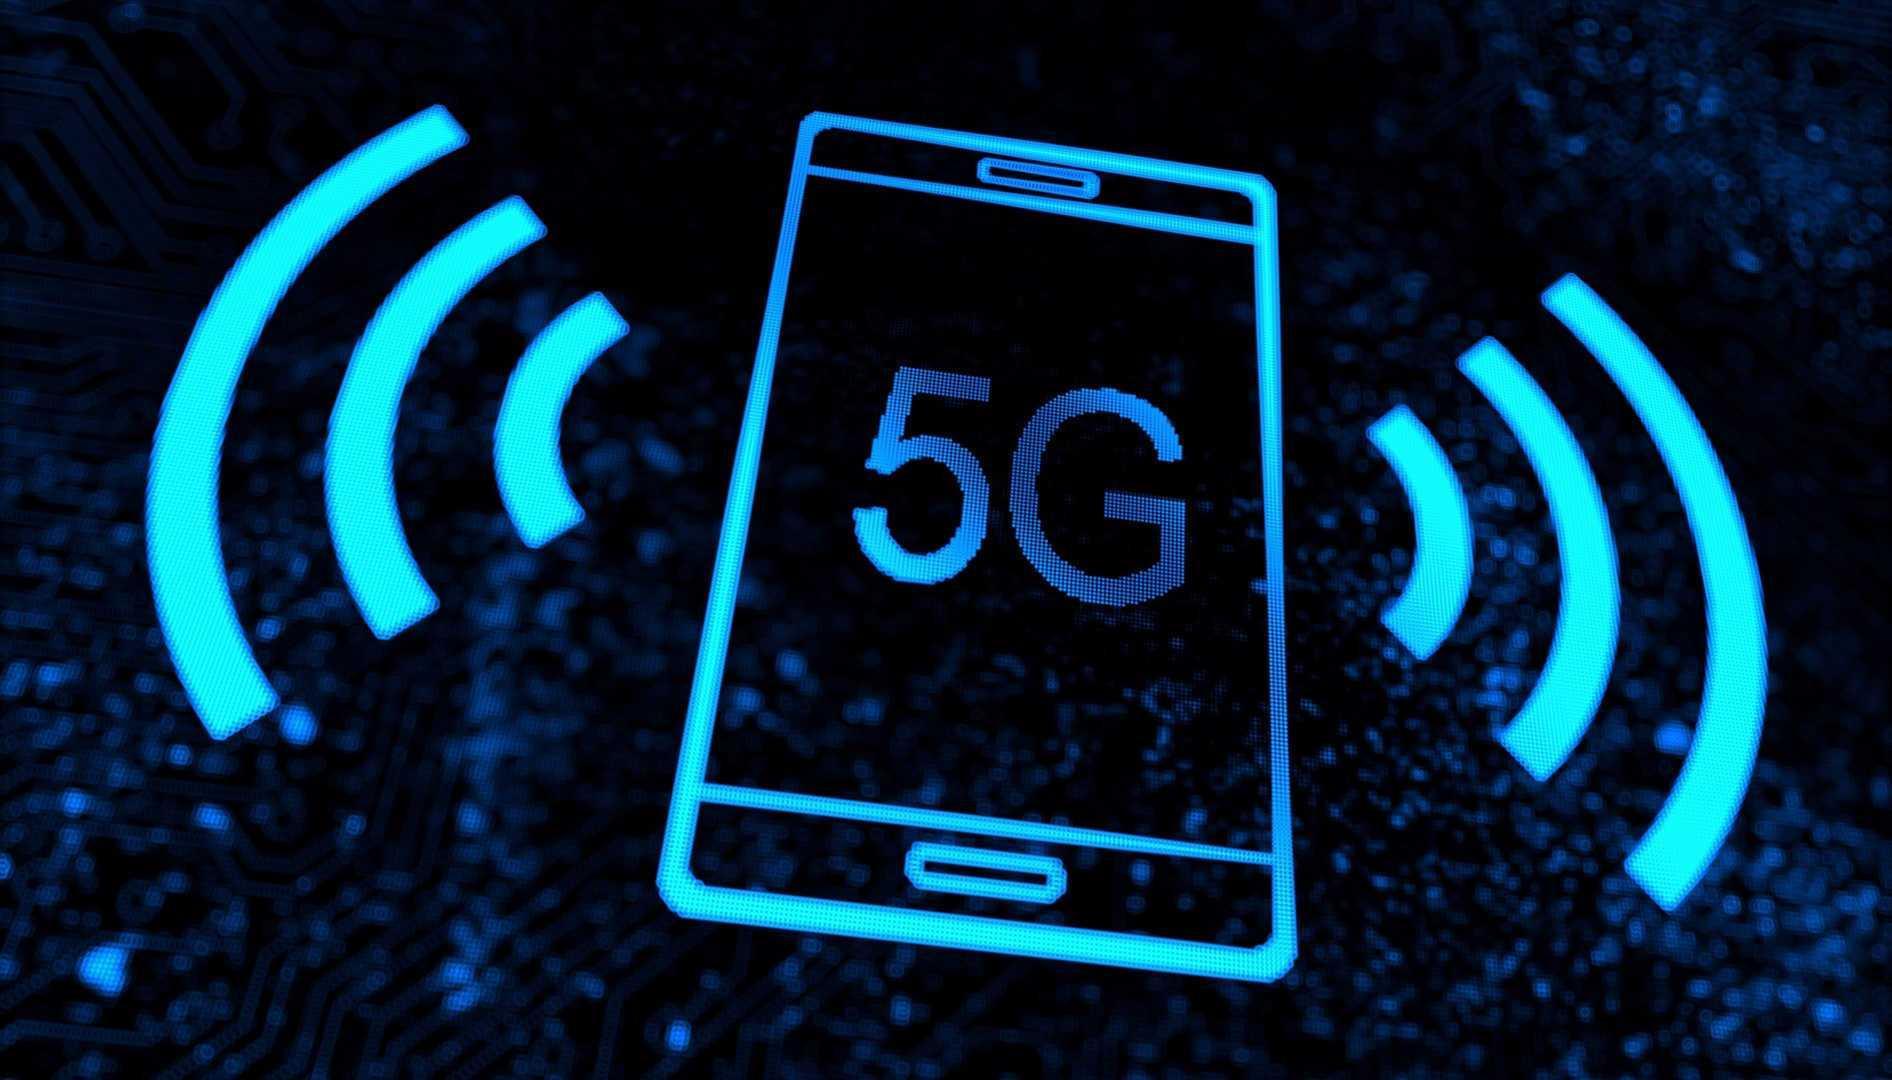 КНР планирует внедрить технологии 5G в предстоящем 2019-ом году